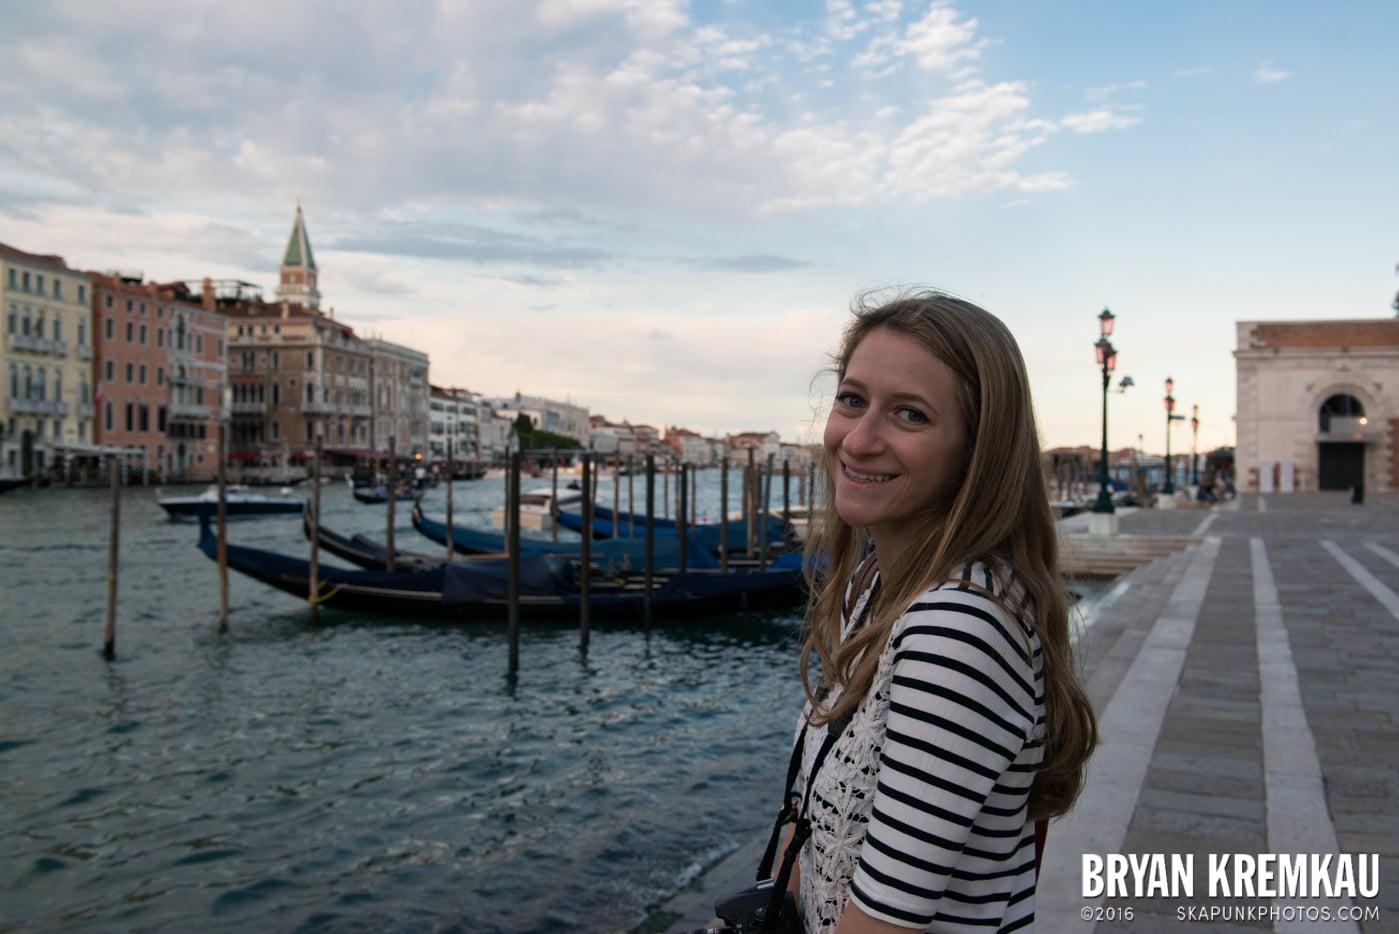 Italy Vacation - Day 4: Venice - 9.12.13 (9)